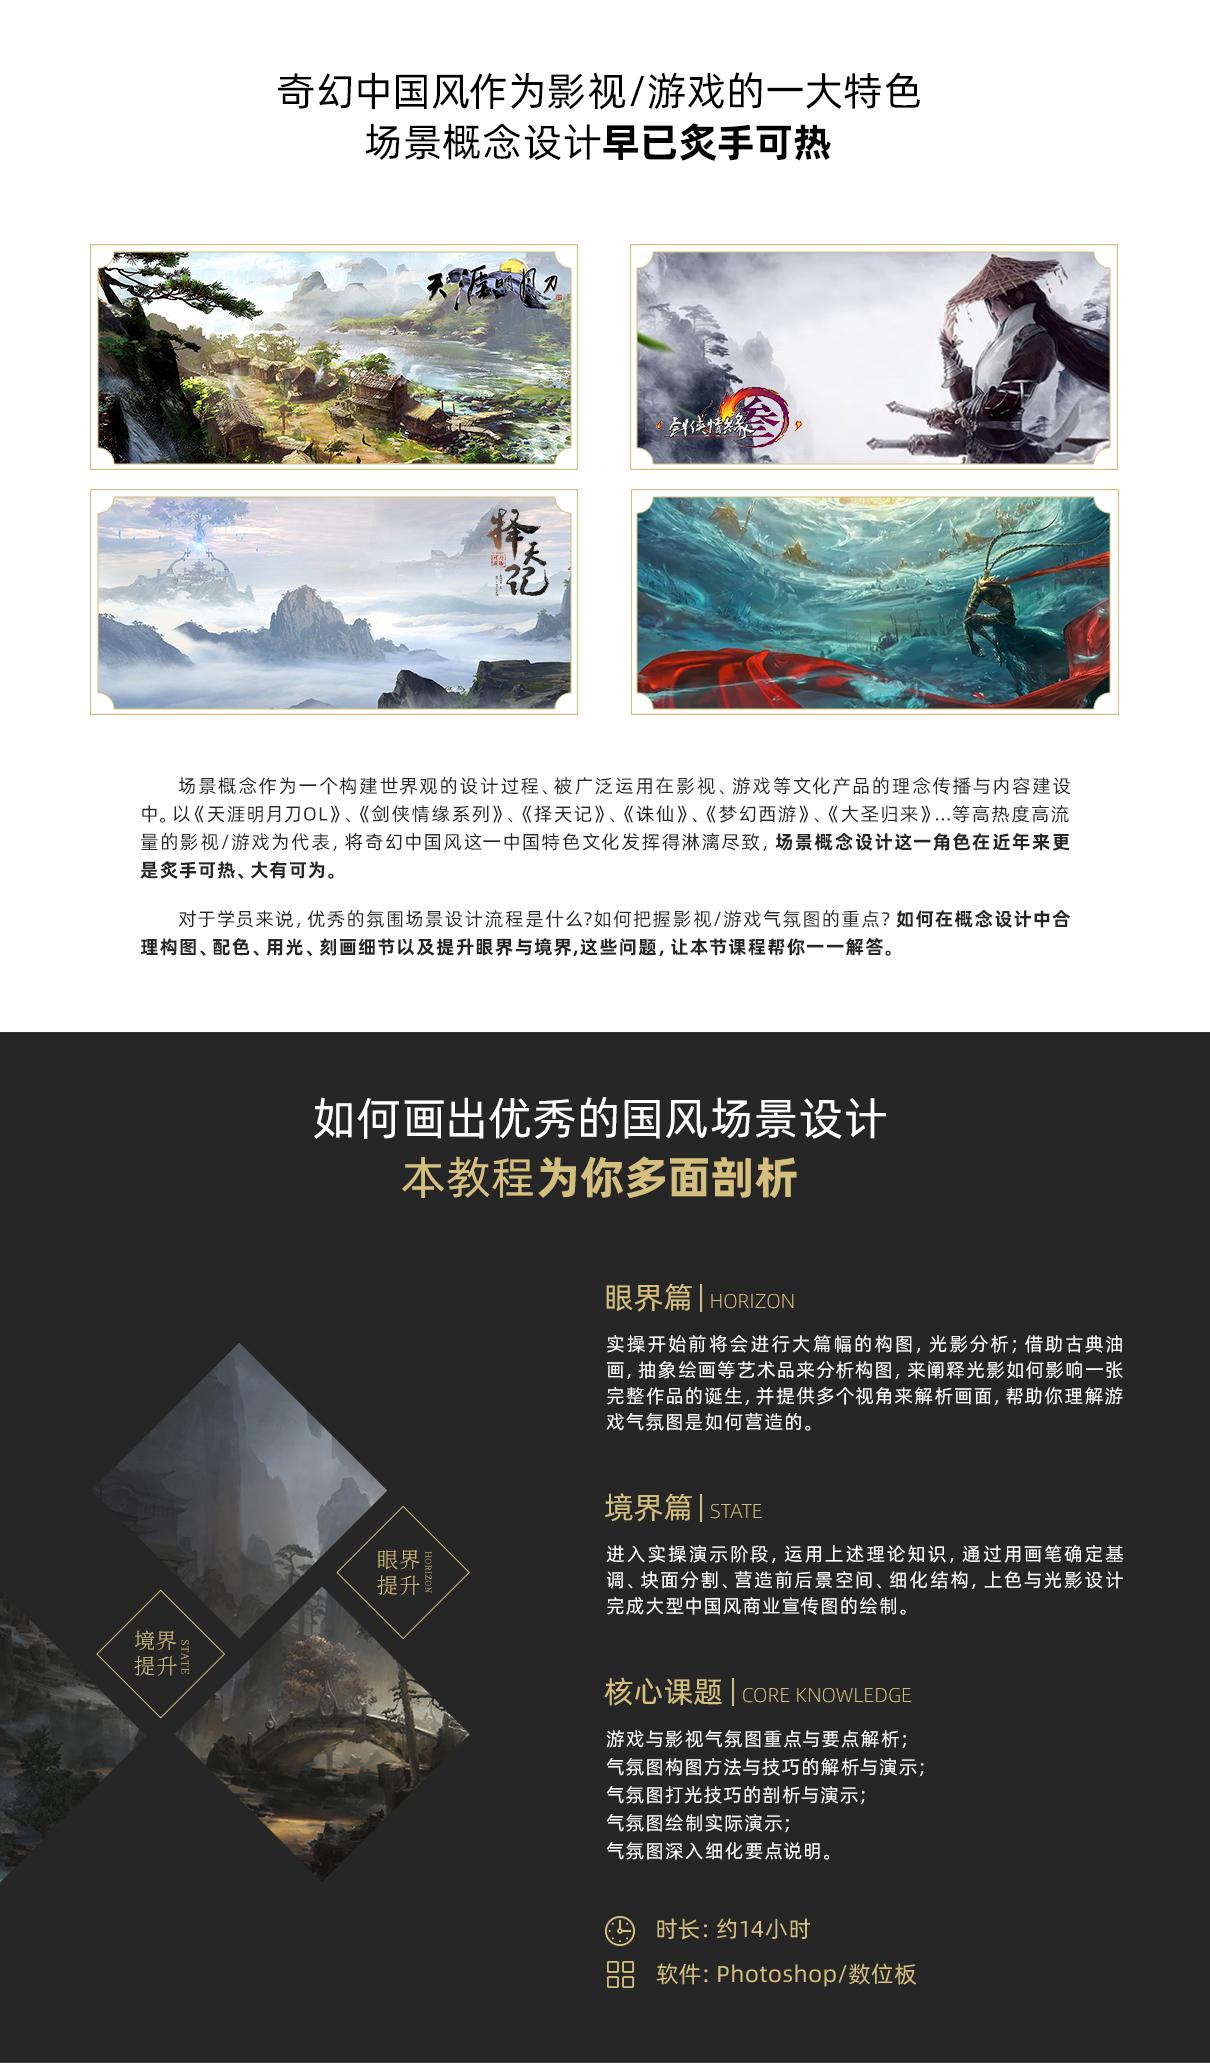 陈毅鹏原画课程1210修改_02.jpg